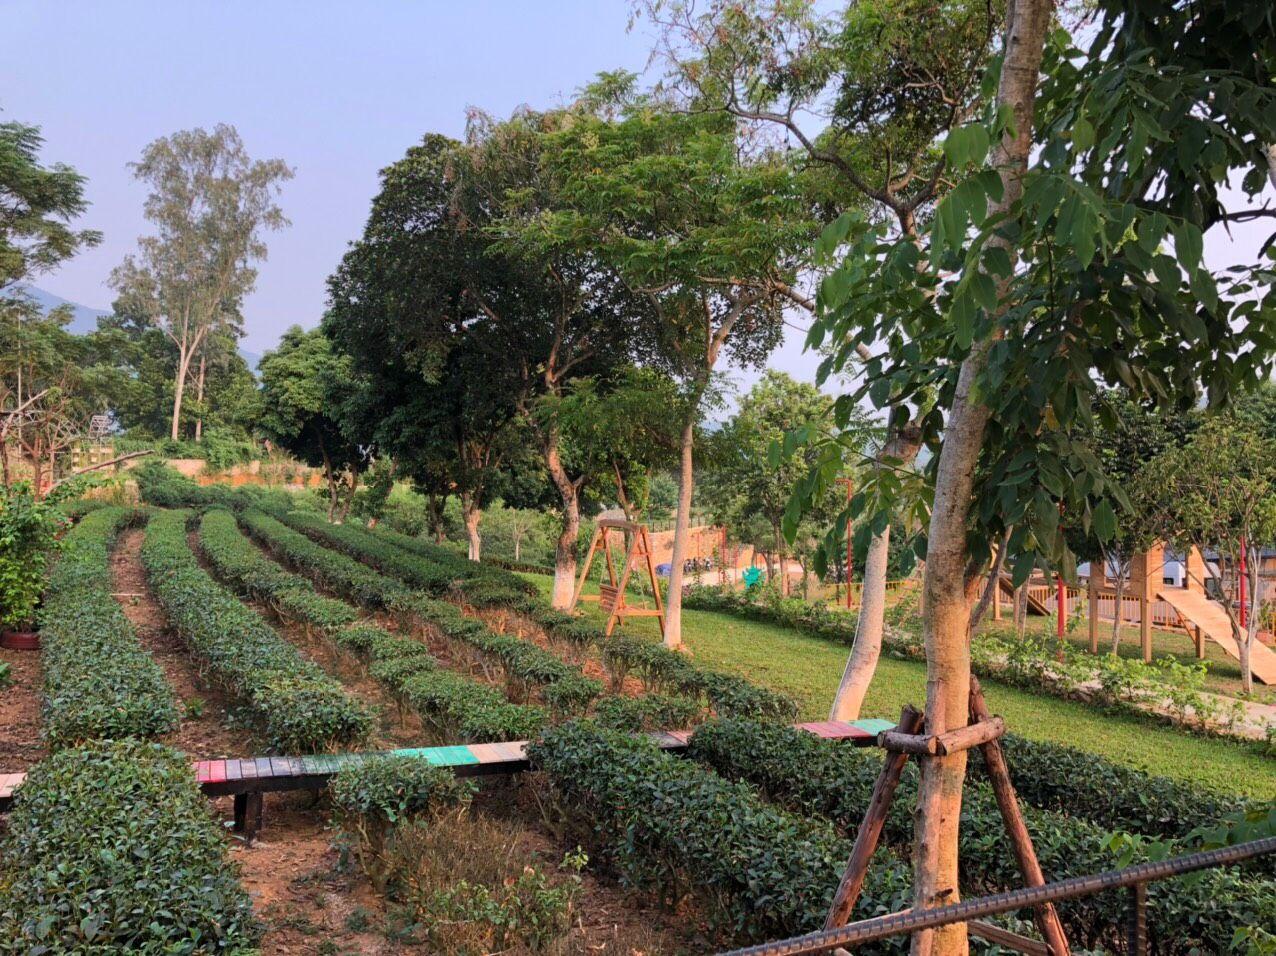 khong-gian-camellia-homestay-ba-vi-ha-noi-07